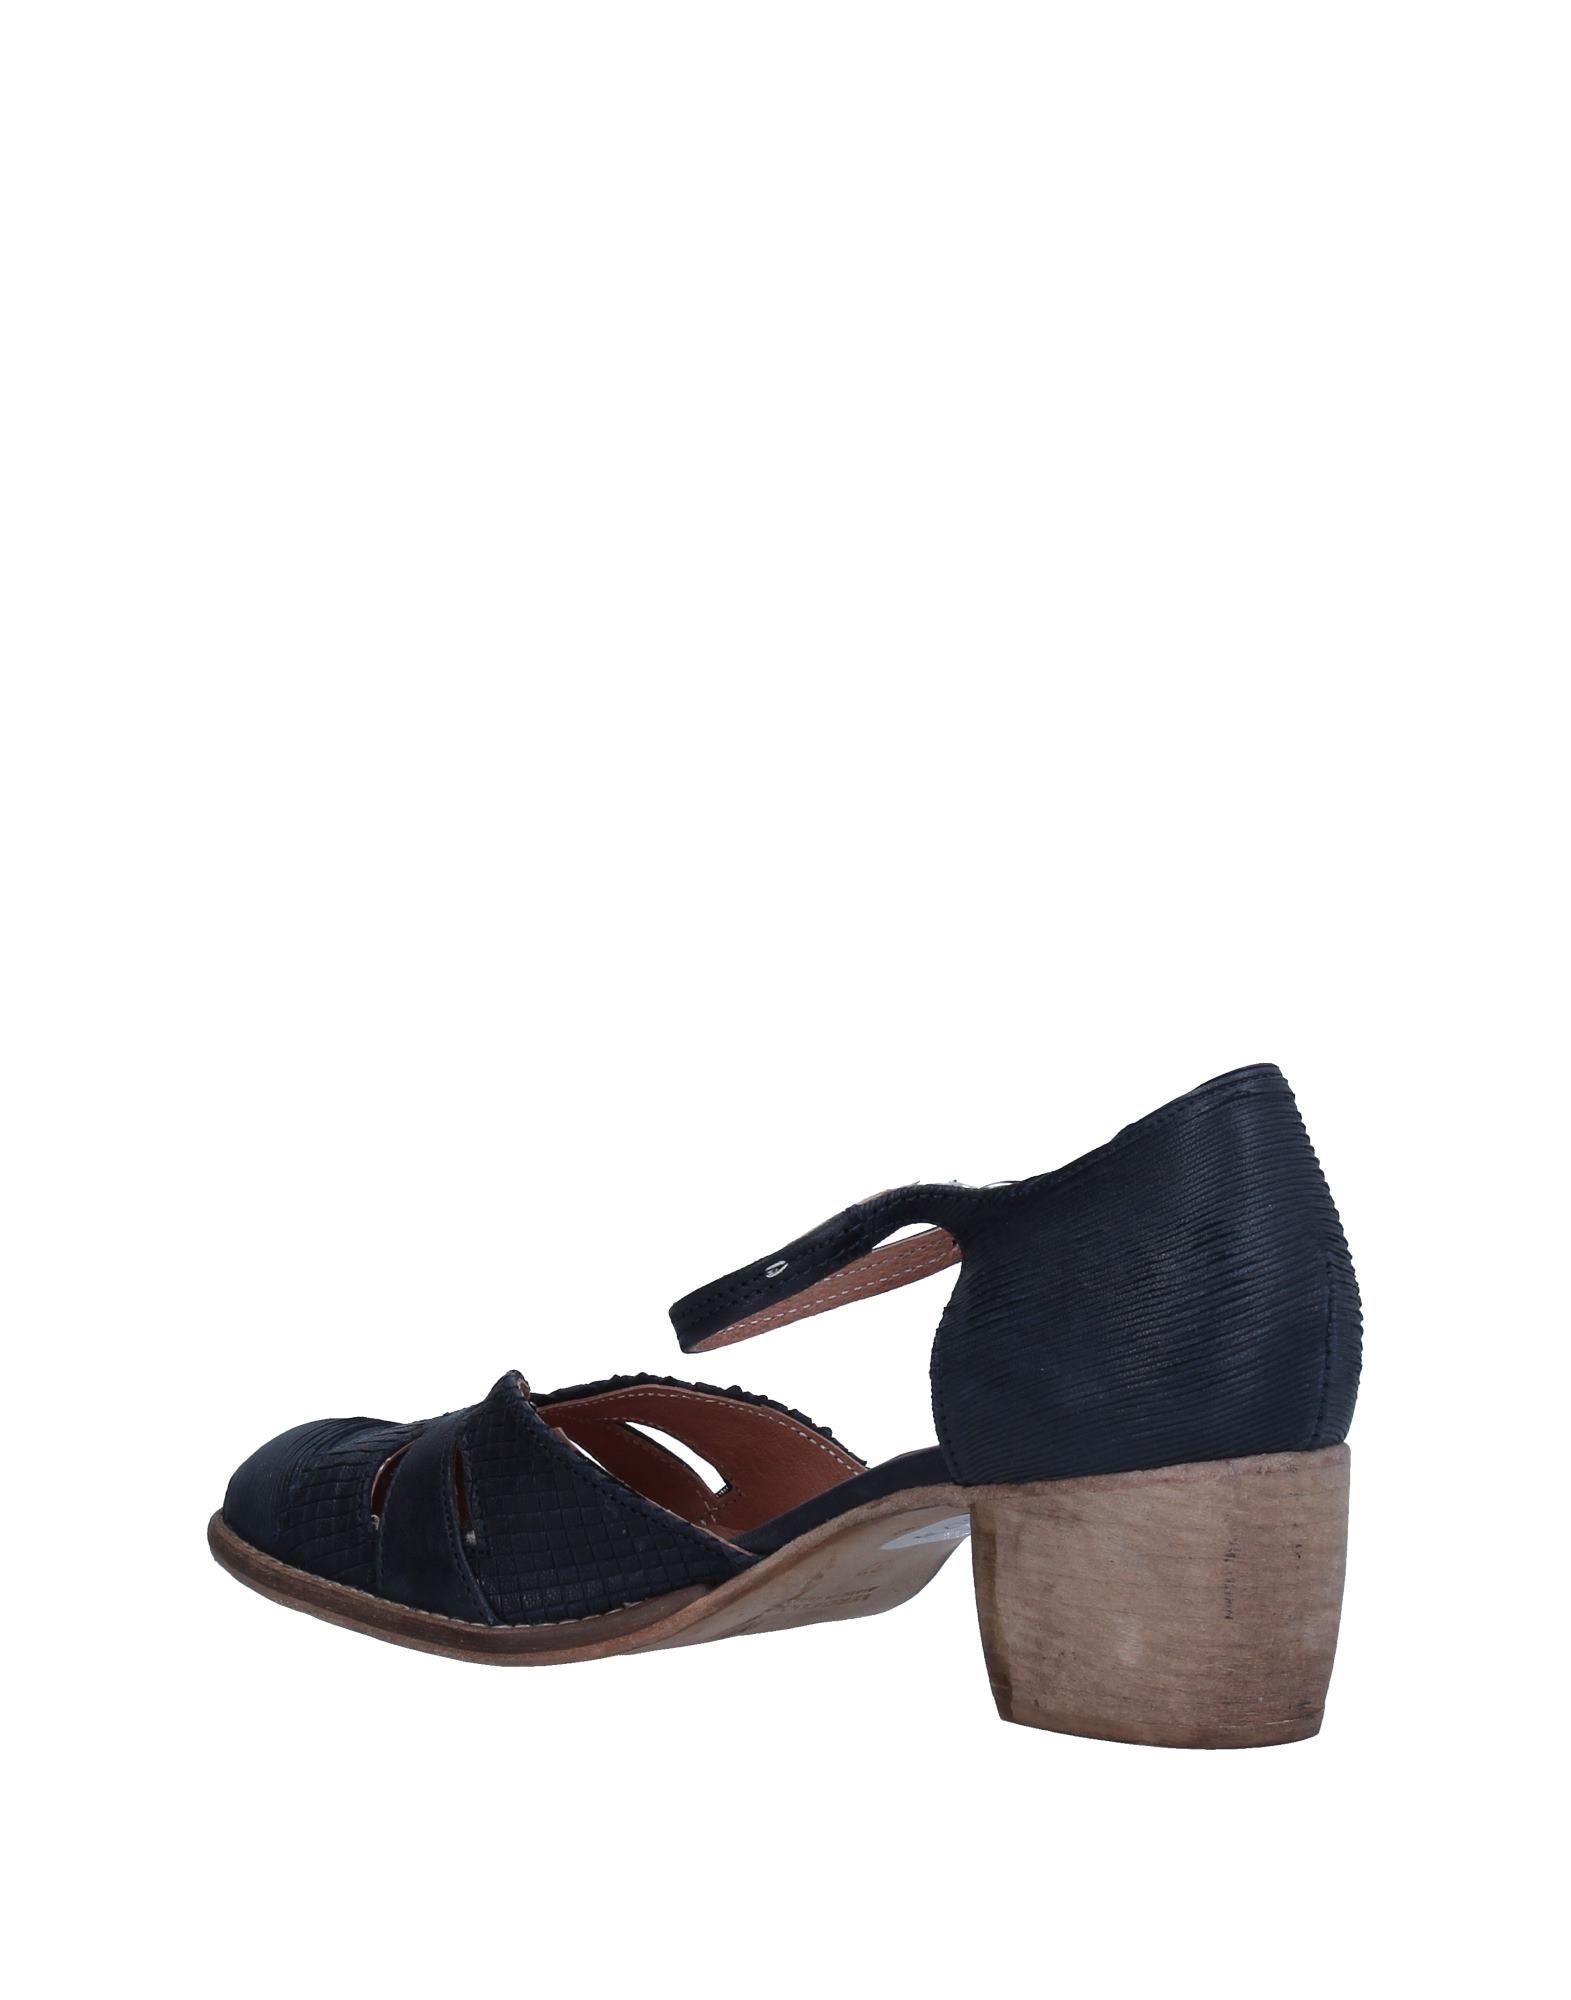 1725.A Pumps Damen  11332715NX Gute Qualität beliebte beliebte Qualität Schuhe 1ebc87